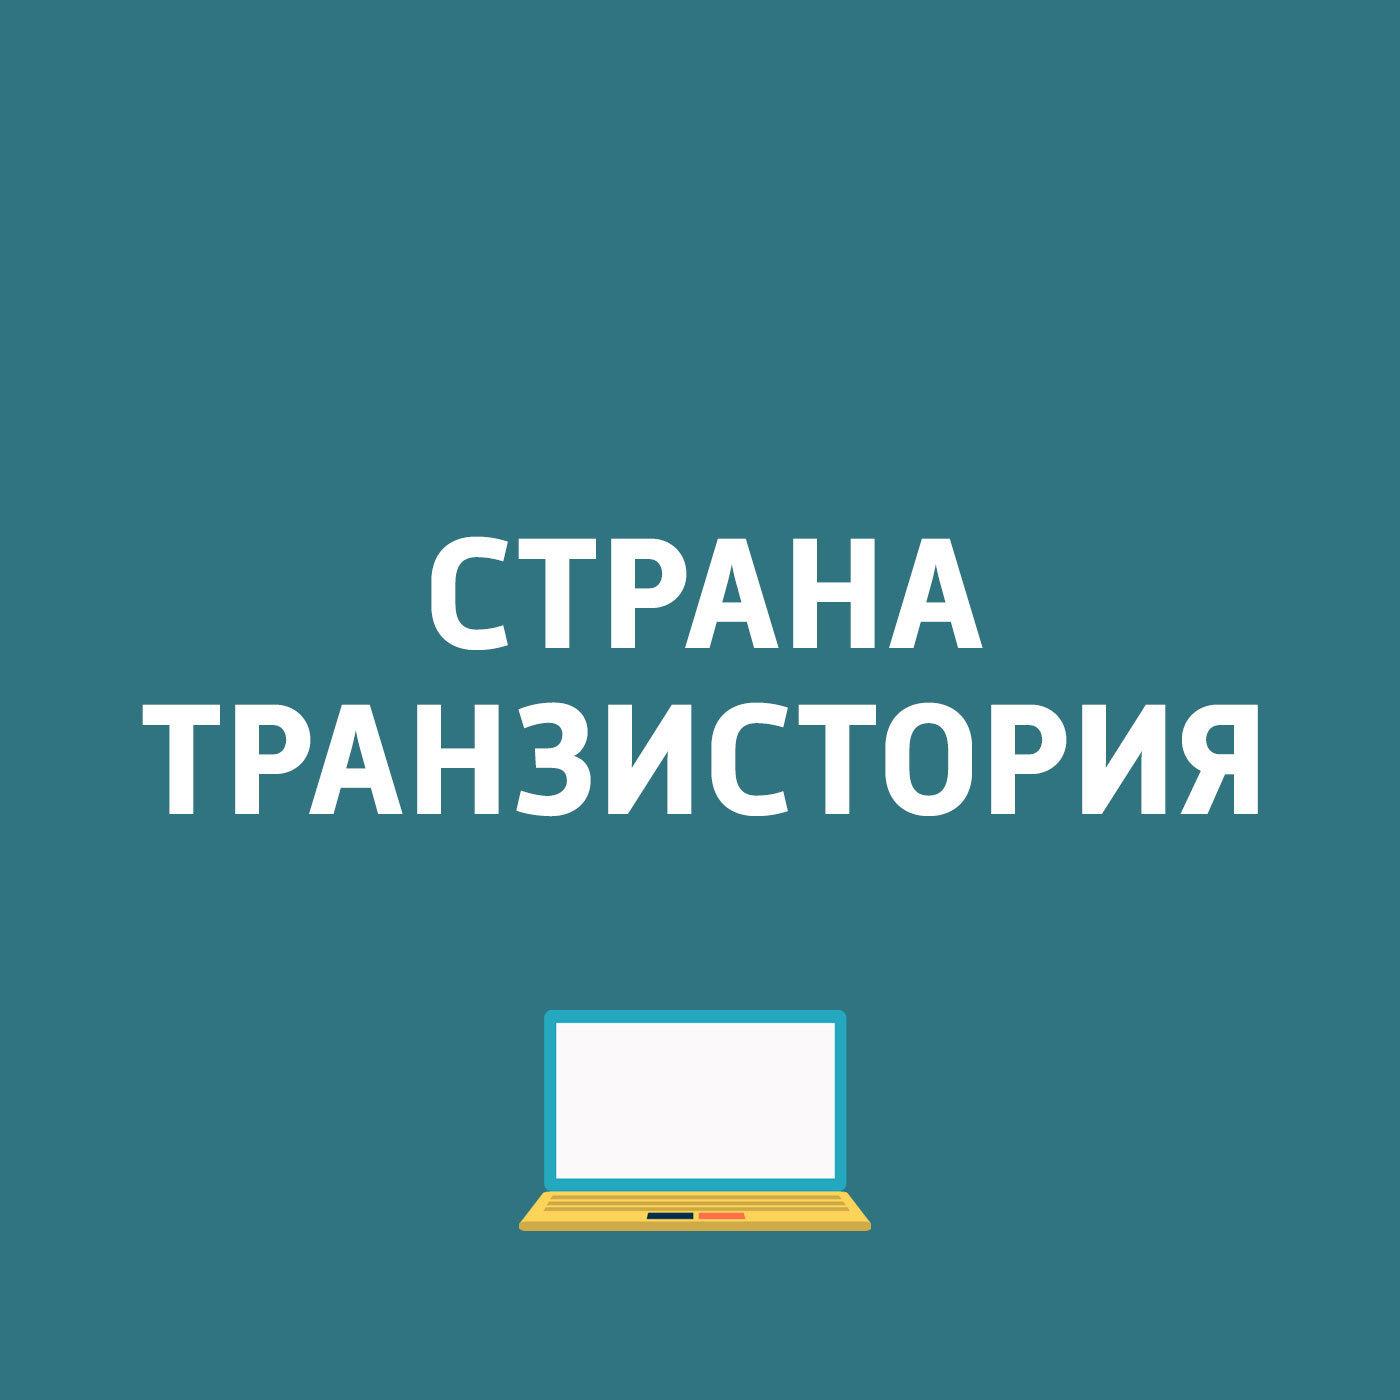 Картаев Павел Кубики Lego из туннельных камней; Facebook подтвердила слежку за звонками и SMS пользователей; Второе место по потреблению пиратского контента в 2017 году